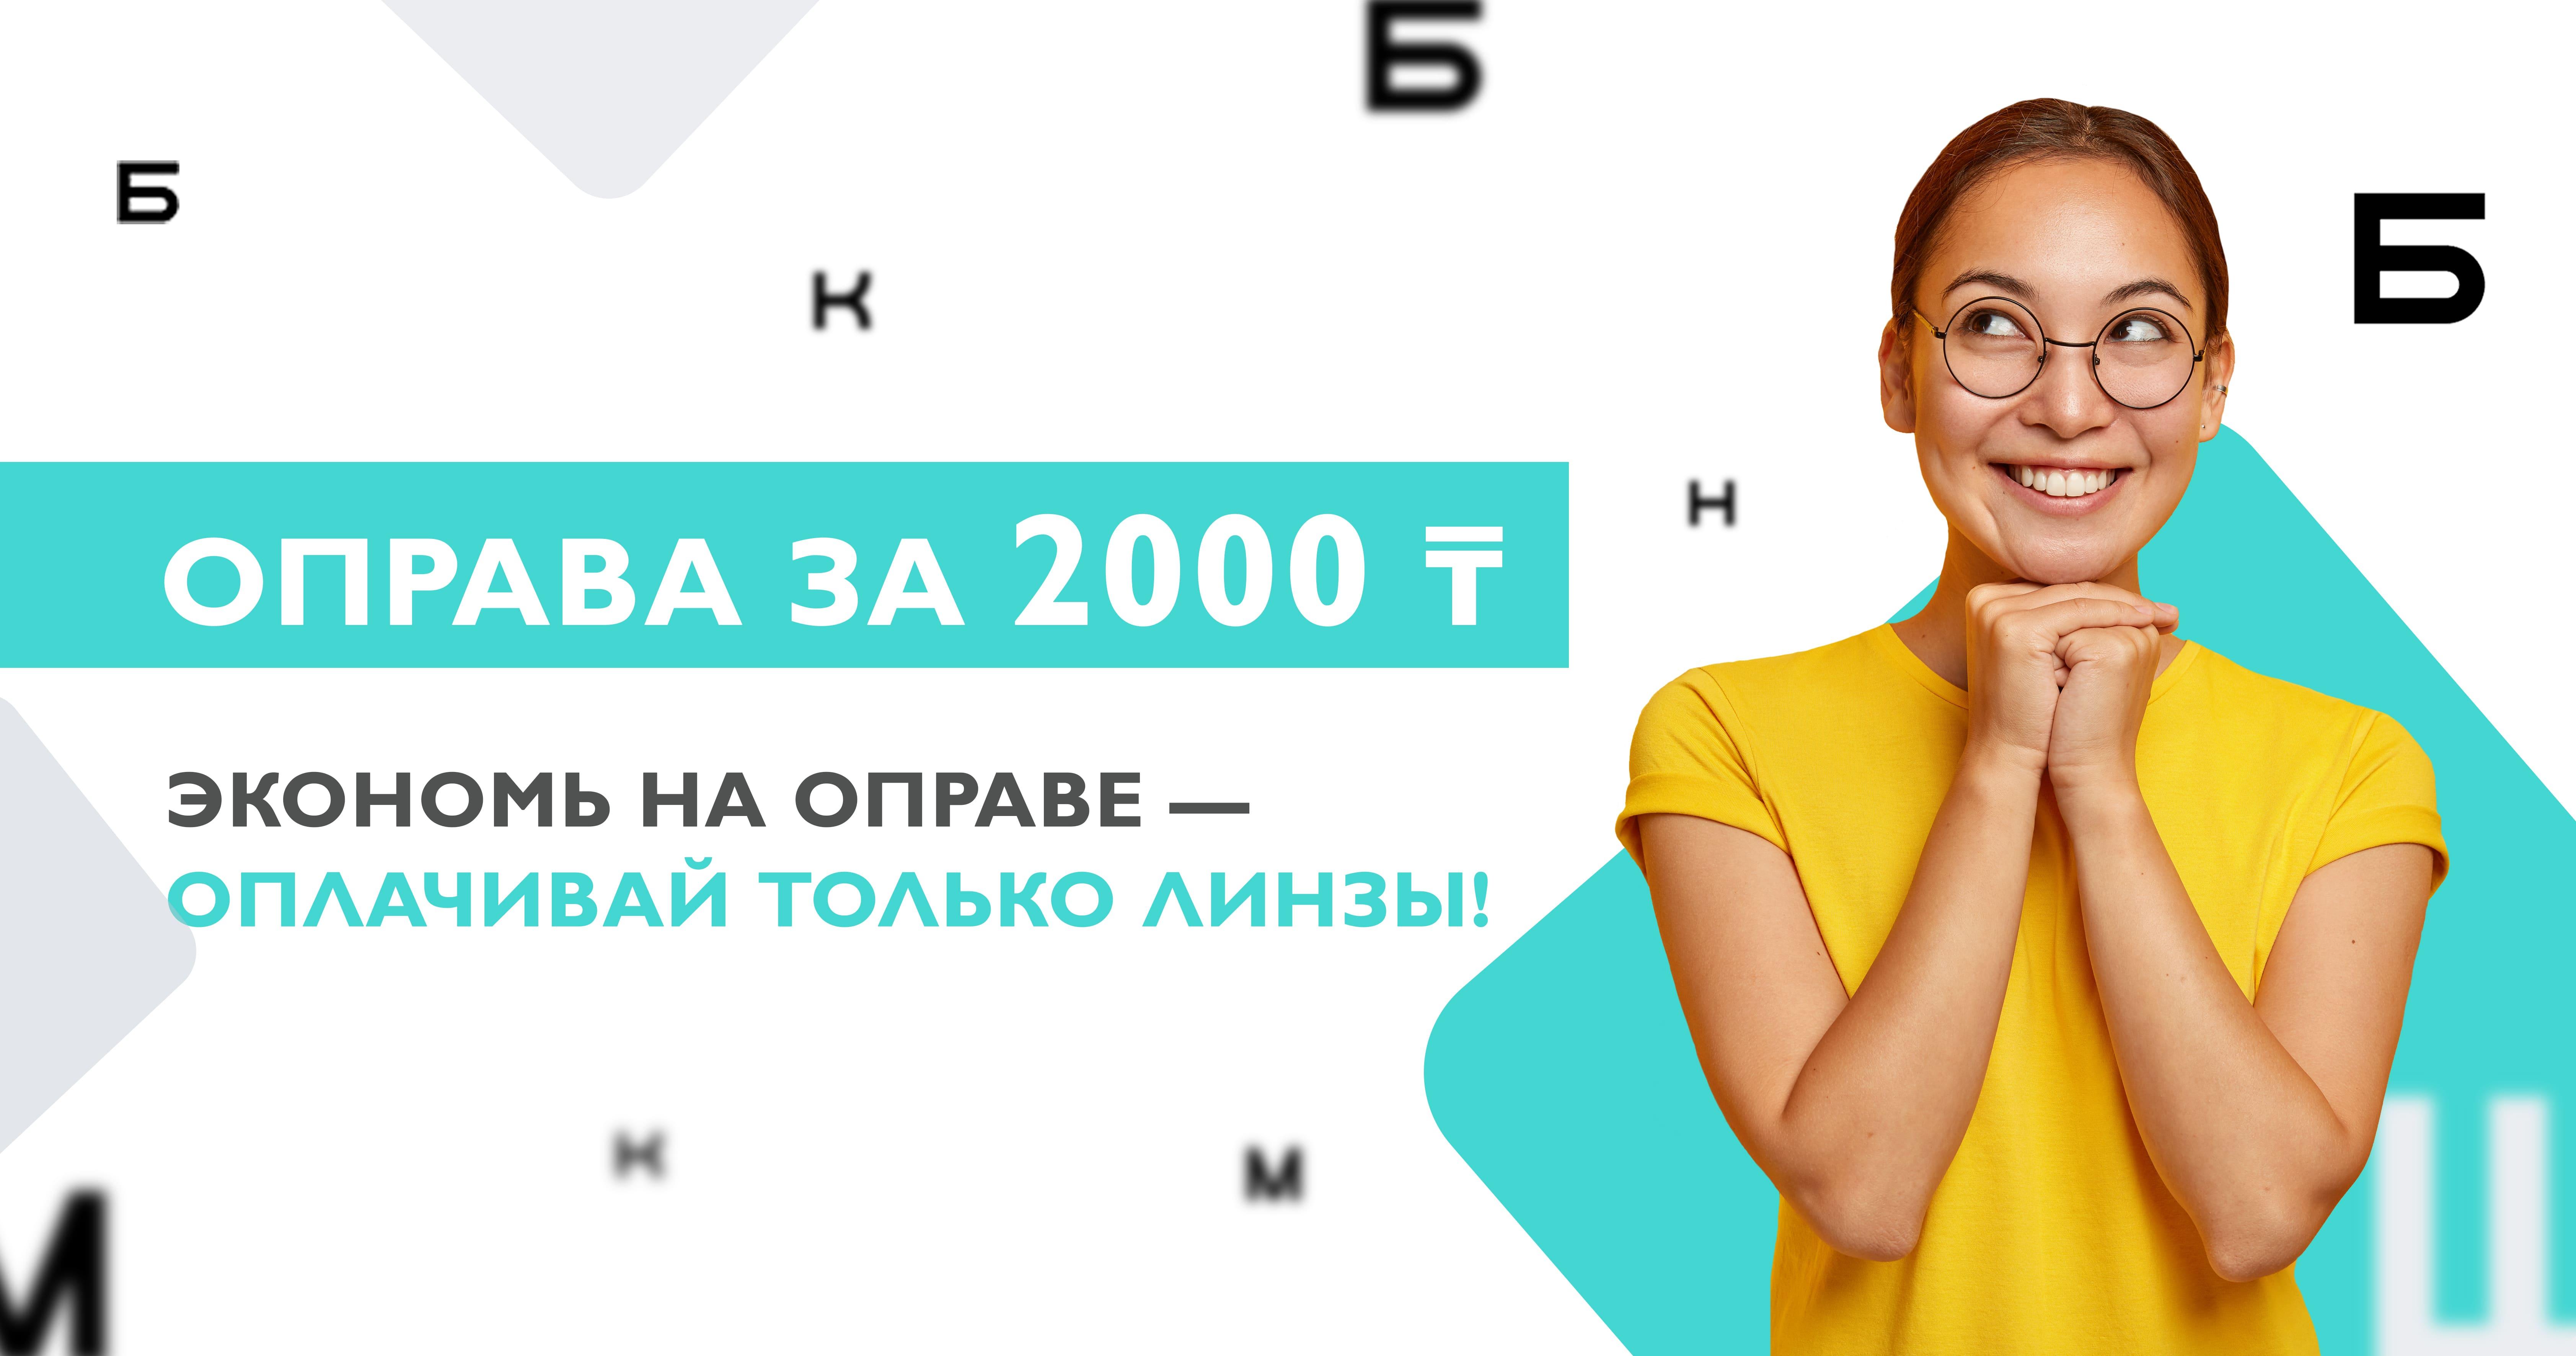 ОПРАВА ЗА 2000 тенге